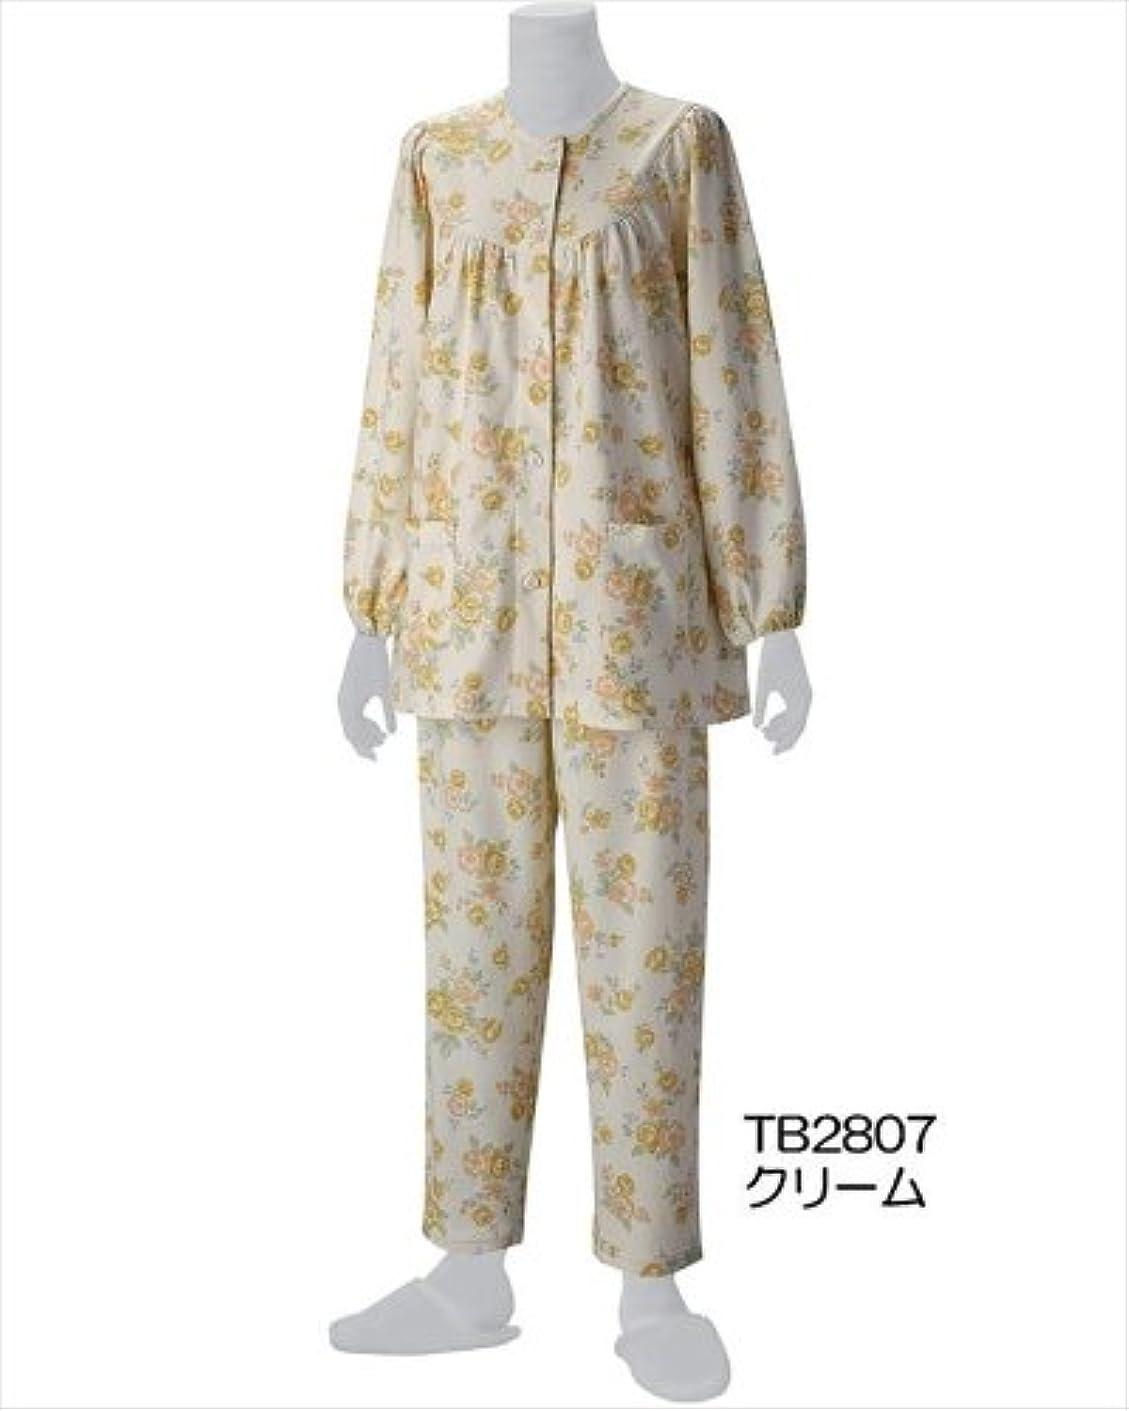 リングバック呼ぶ乱雑なグンゼ 健康支援パジャマ 長袖パジャマ(セット) M  TB2807 クリーム?TB2807